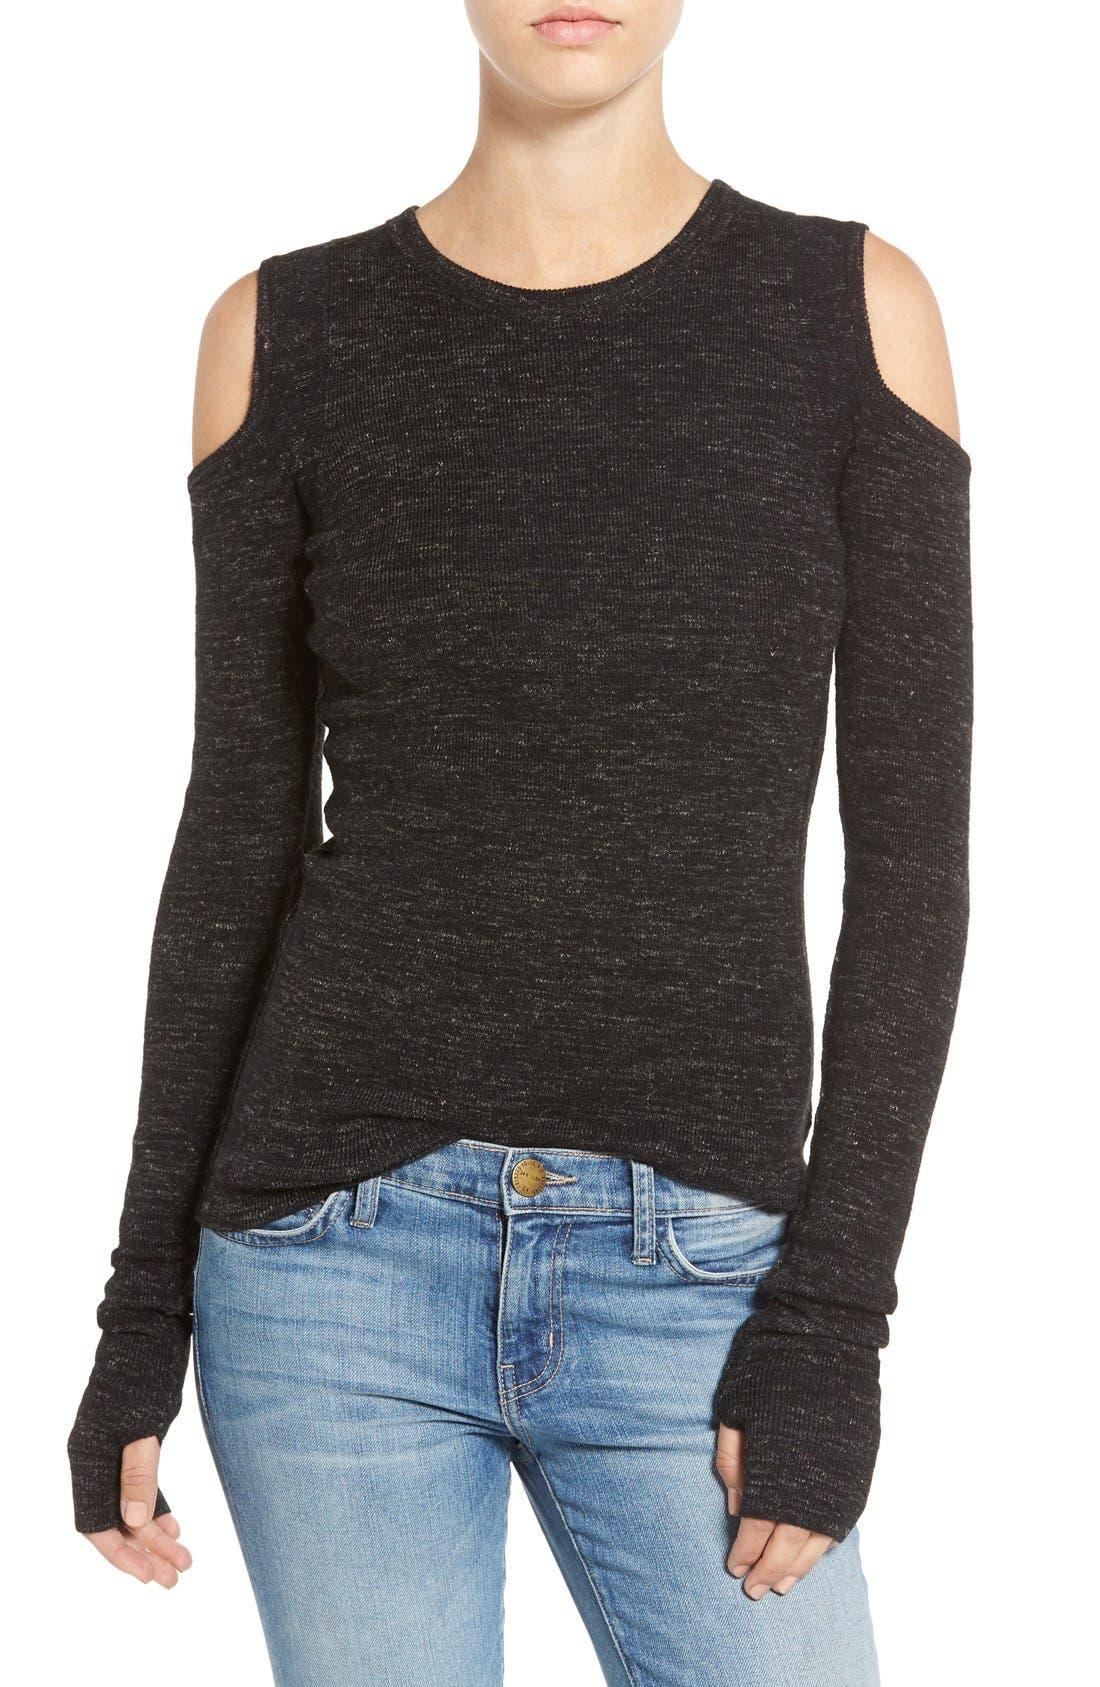 Alternate Image 1 Selected - Current/Elliott 'The Mélange' Cold Shoulder Sweater